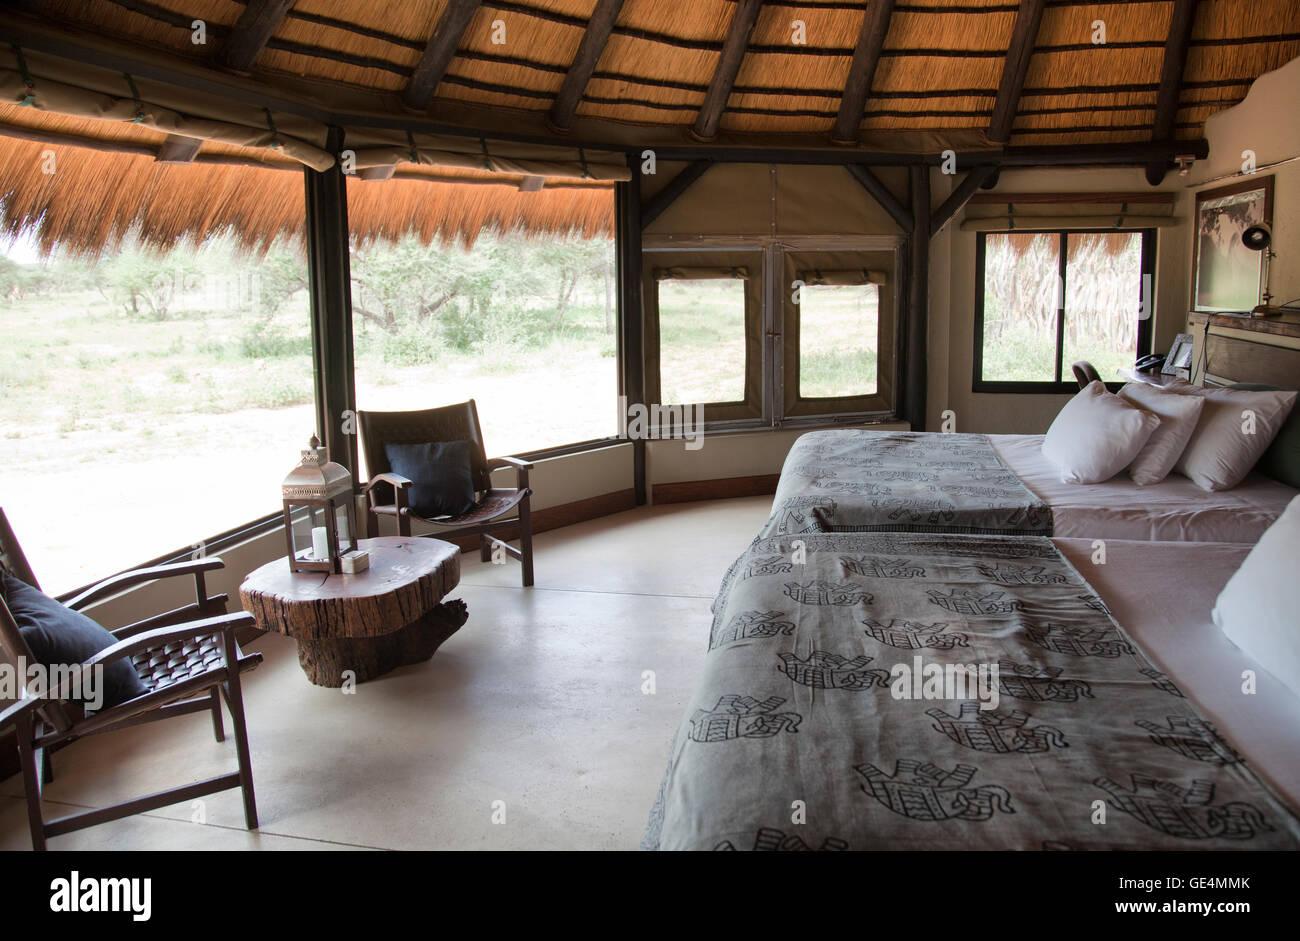 Hervorragend Luxus Chalet Schlafzimmer Mit Landschaftsansichten Okonjima Bush Camp In  Namibia